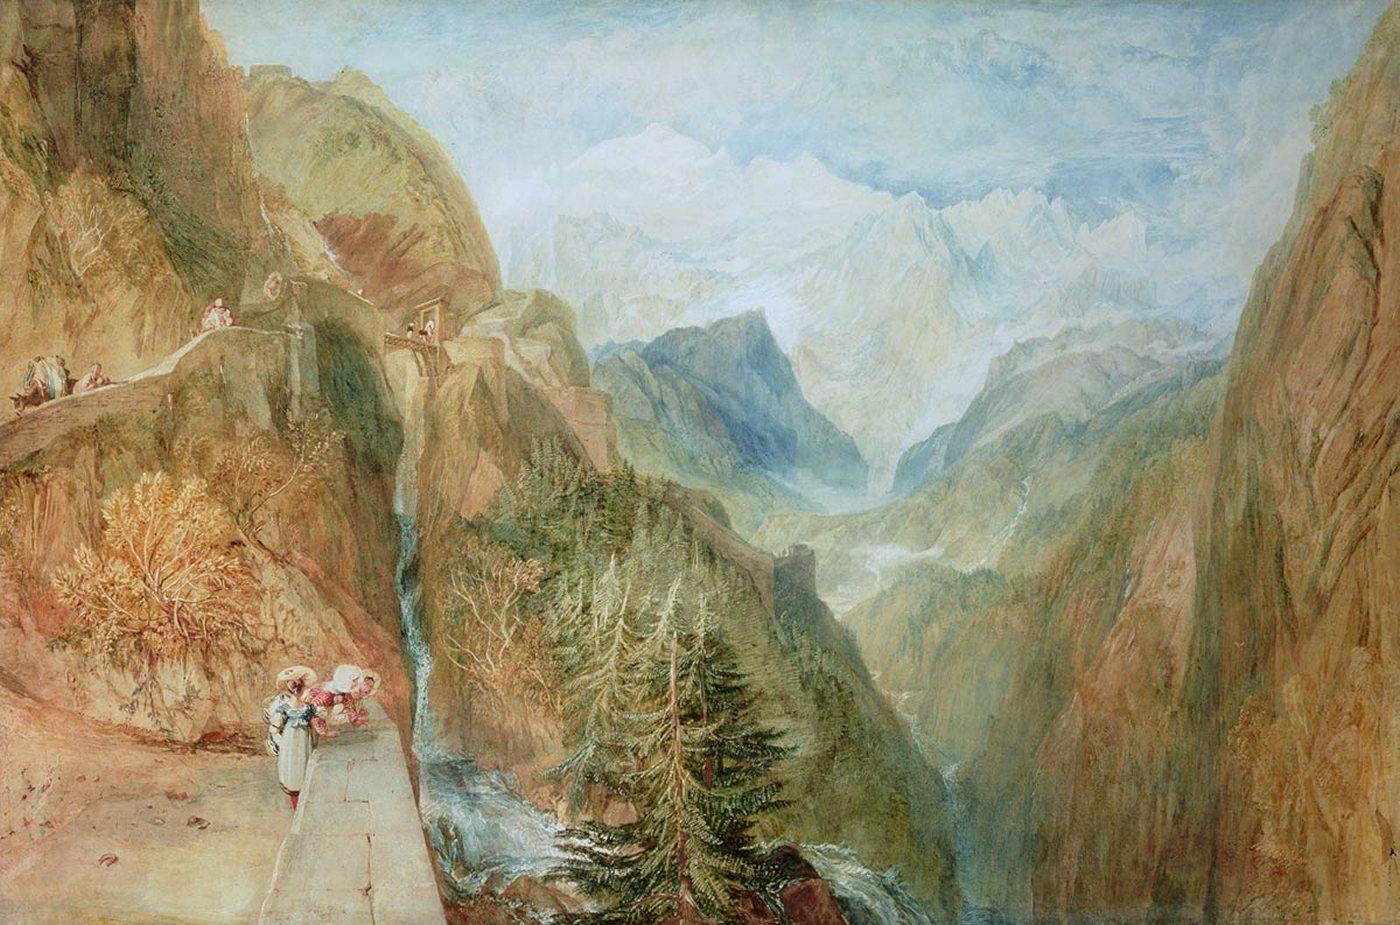 горный пейзаж Белая гора :: Уильям Тёрнер - William Turner фото